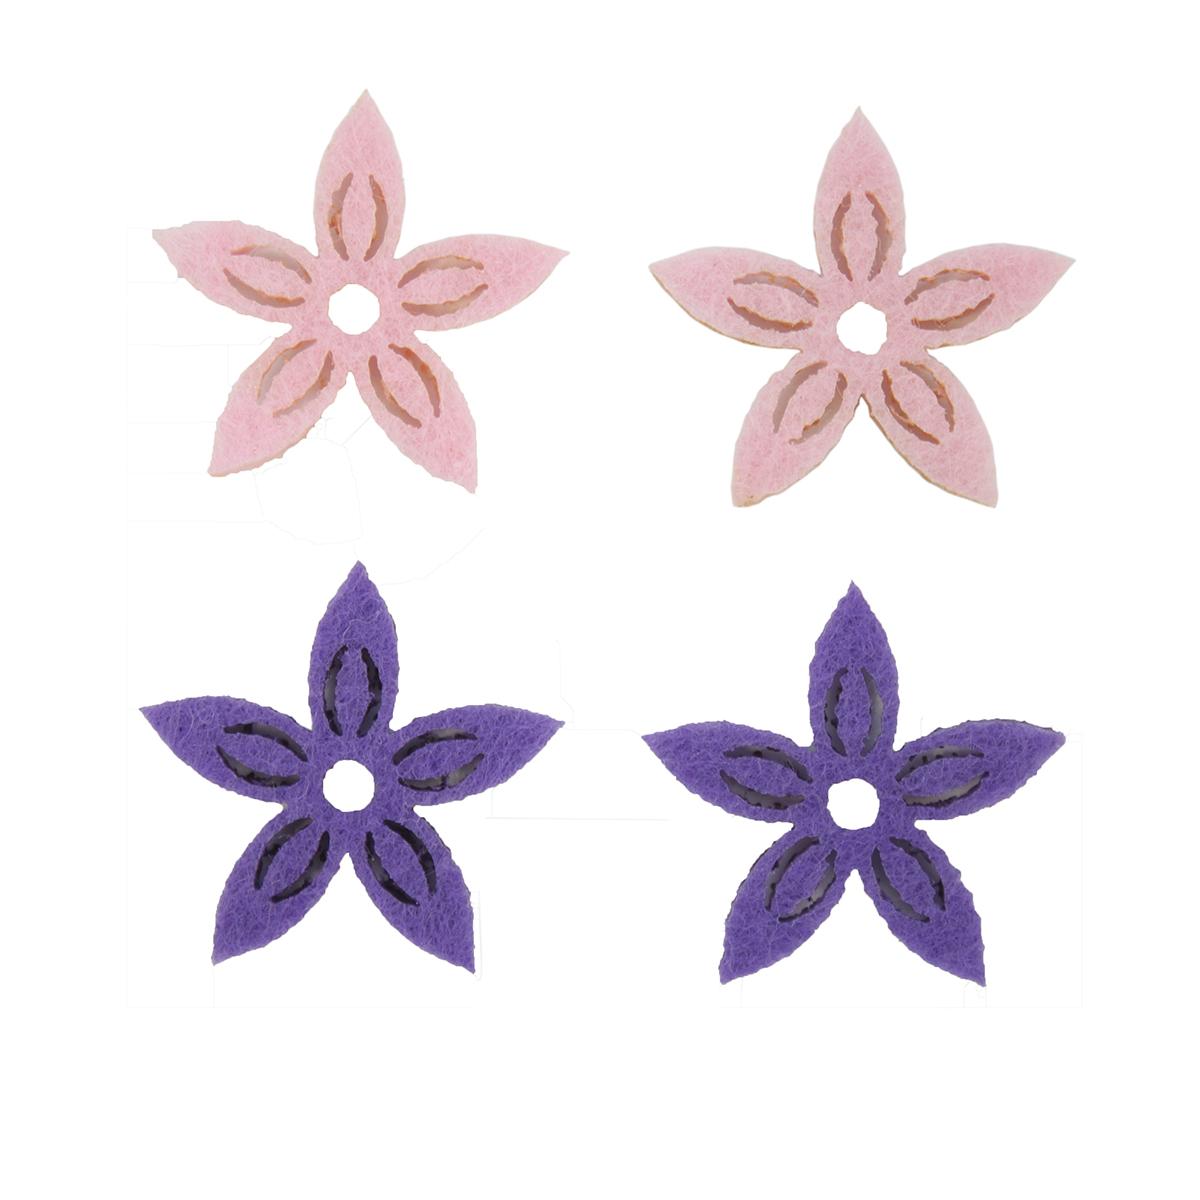 Фигурки из фетра Glorex Цветы, цвет: розовый, фиолетовый, 3 см, 12 шт7704445